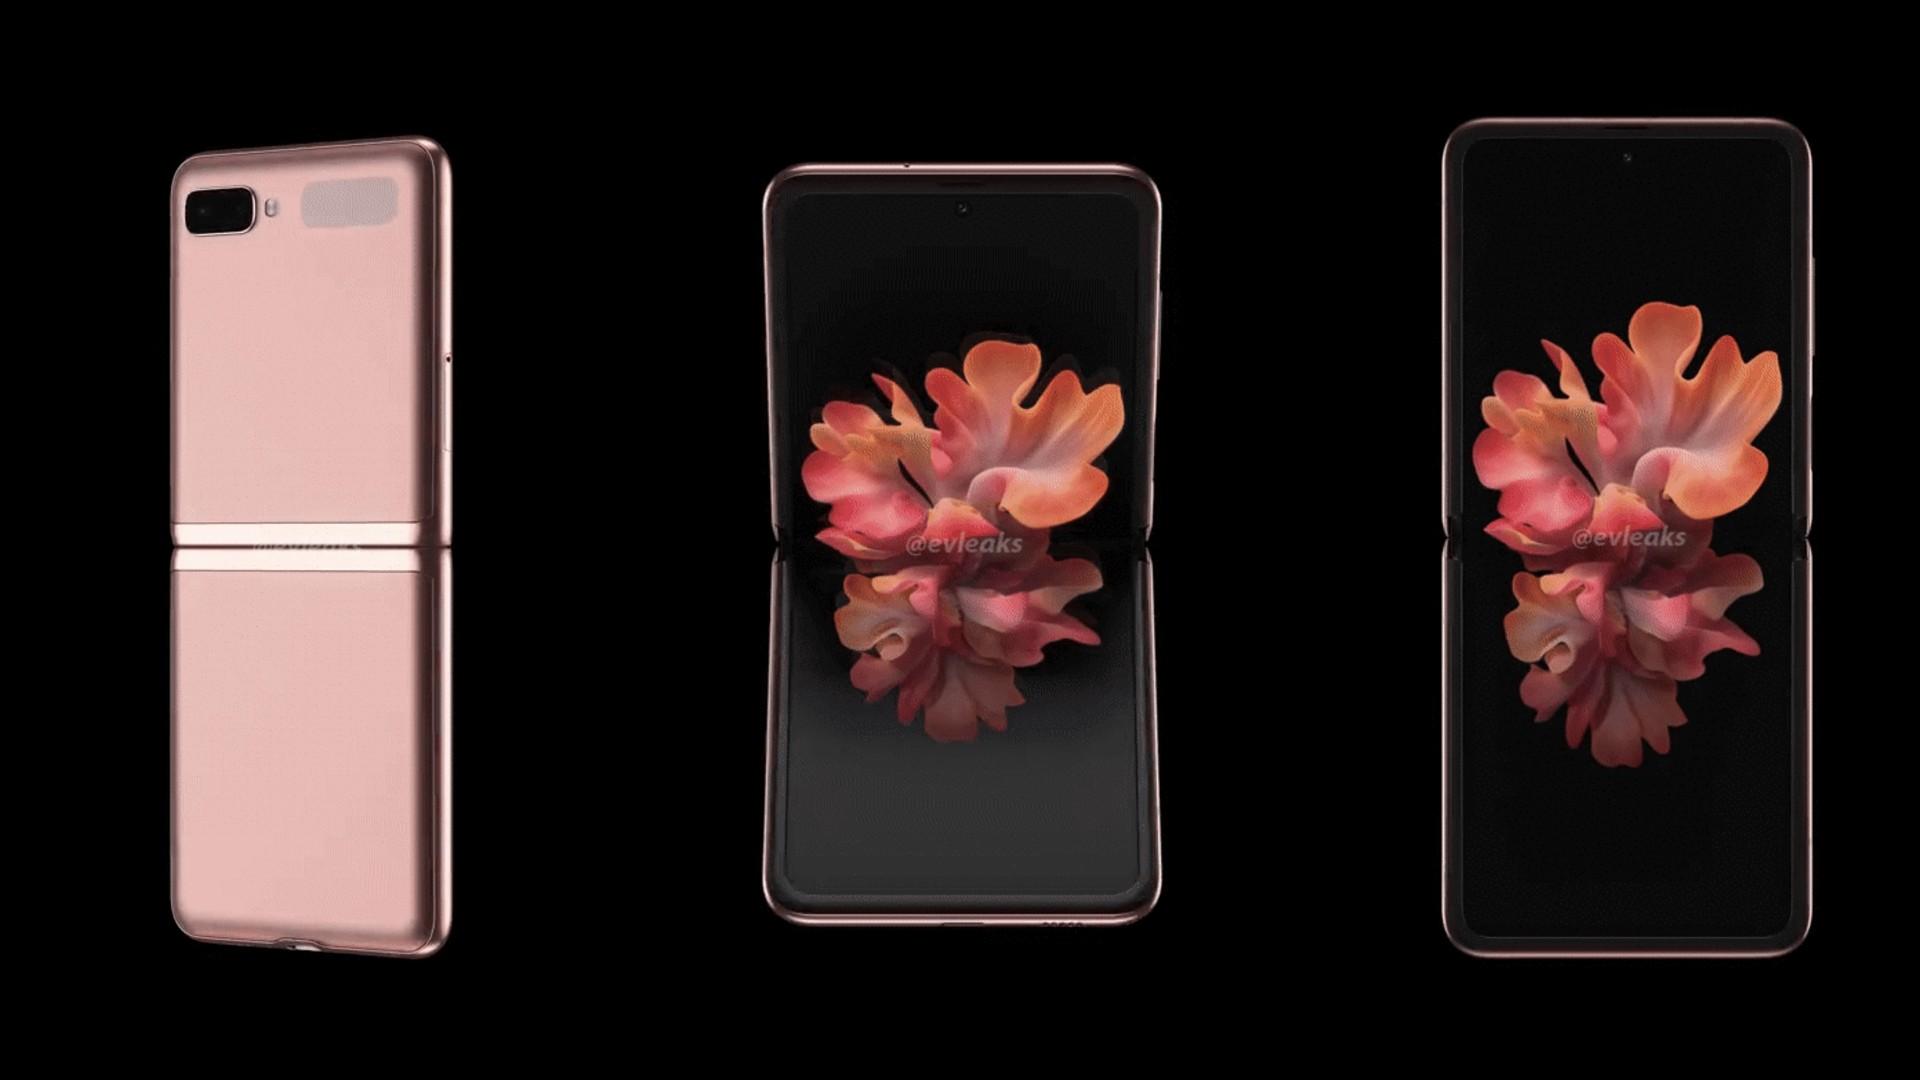 Đây là Galaxy Z Flip 5G phiên bản màu Đồng Huyền Bí sắp ra mắt của Samsung